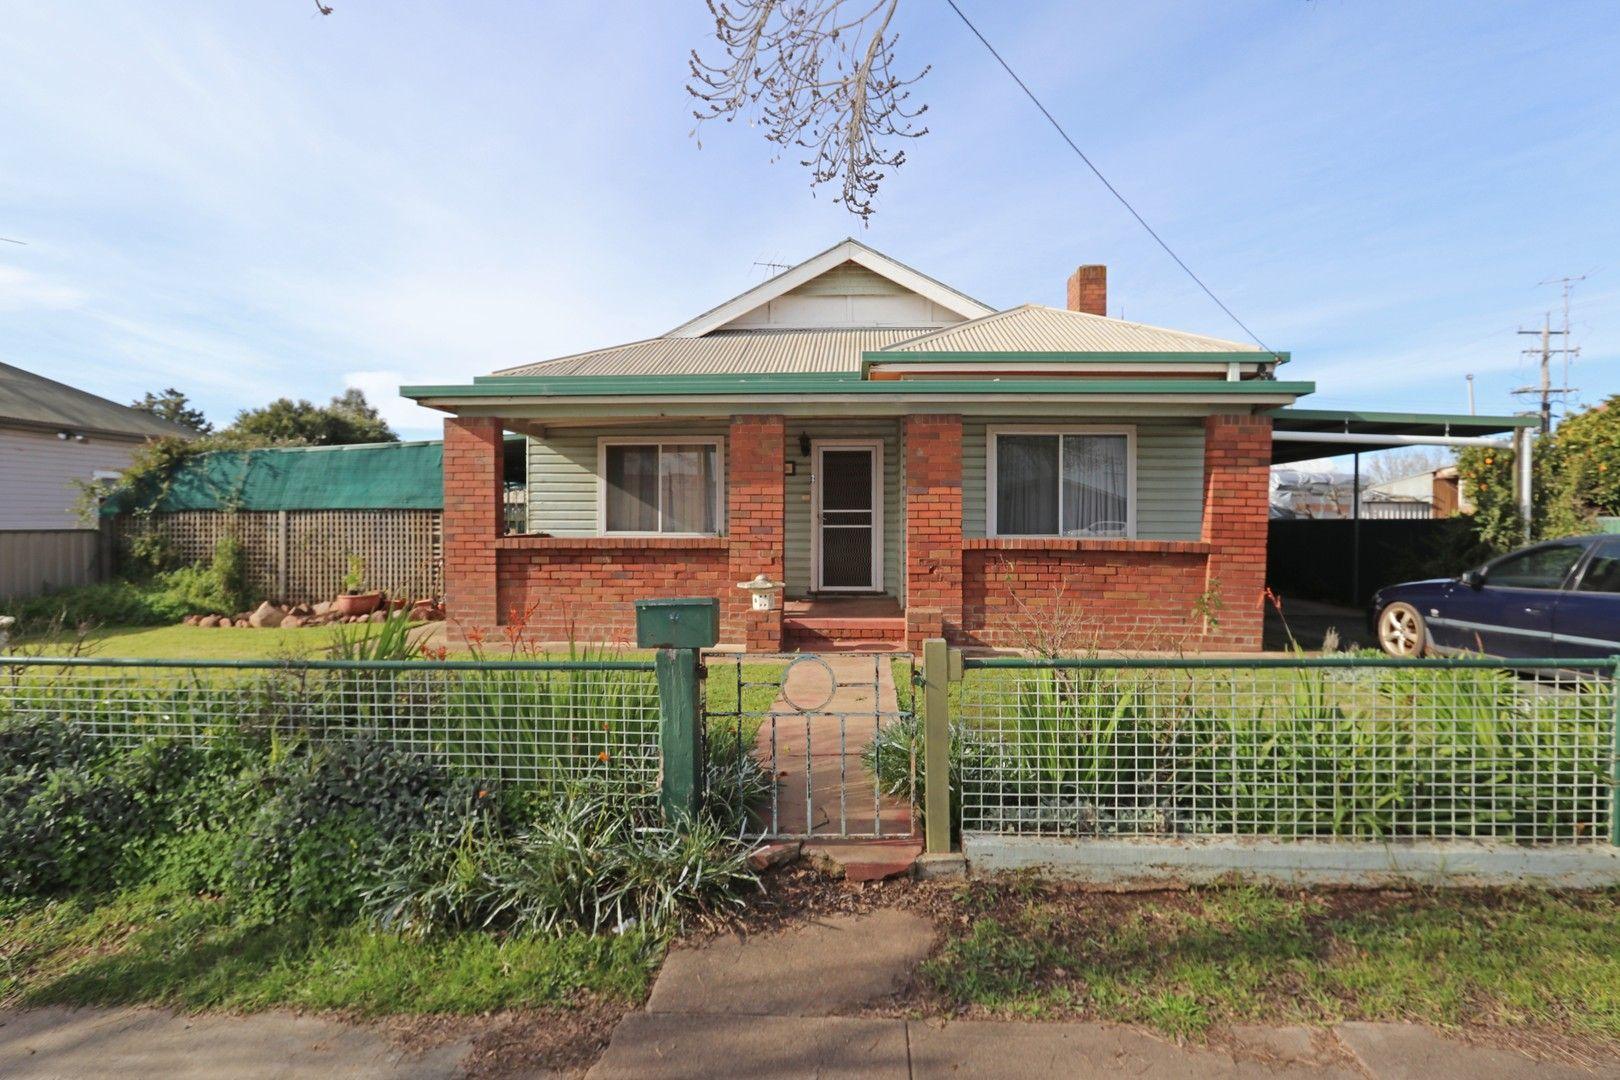 99 Hoskins Street,, Temora NSW 2666, Image 0